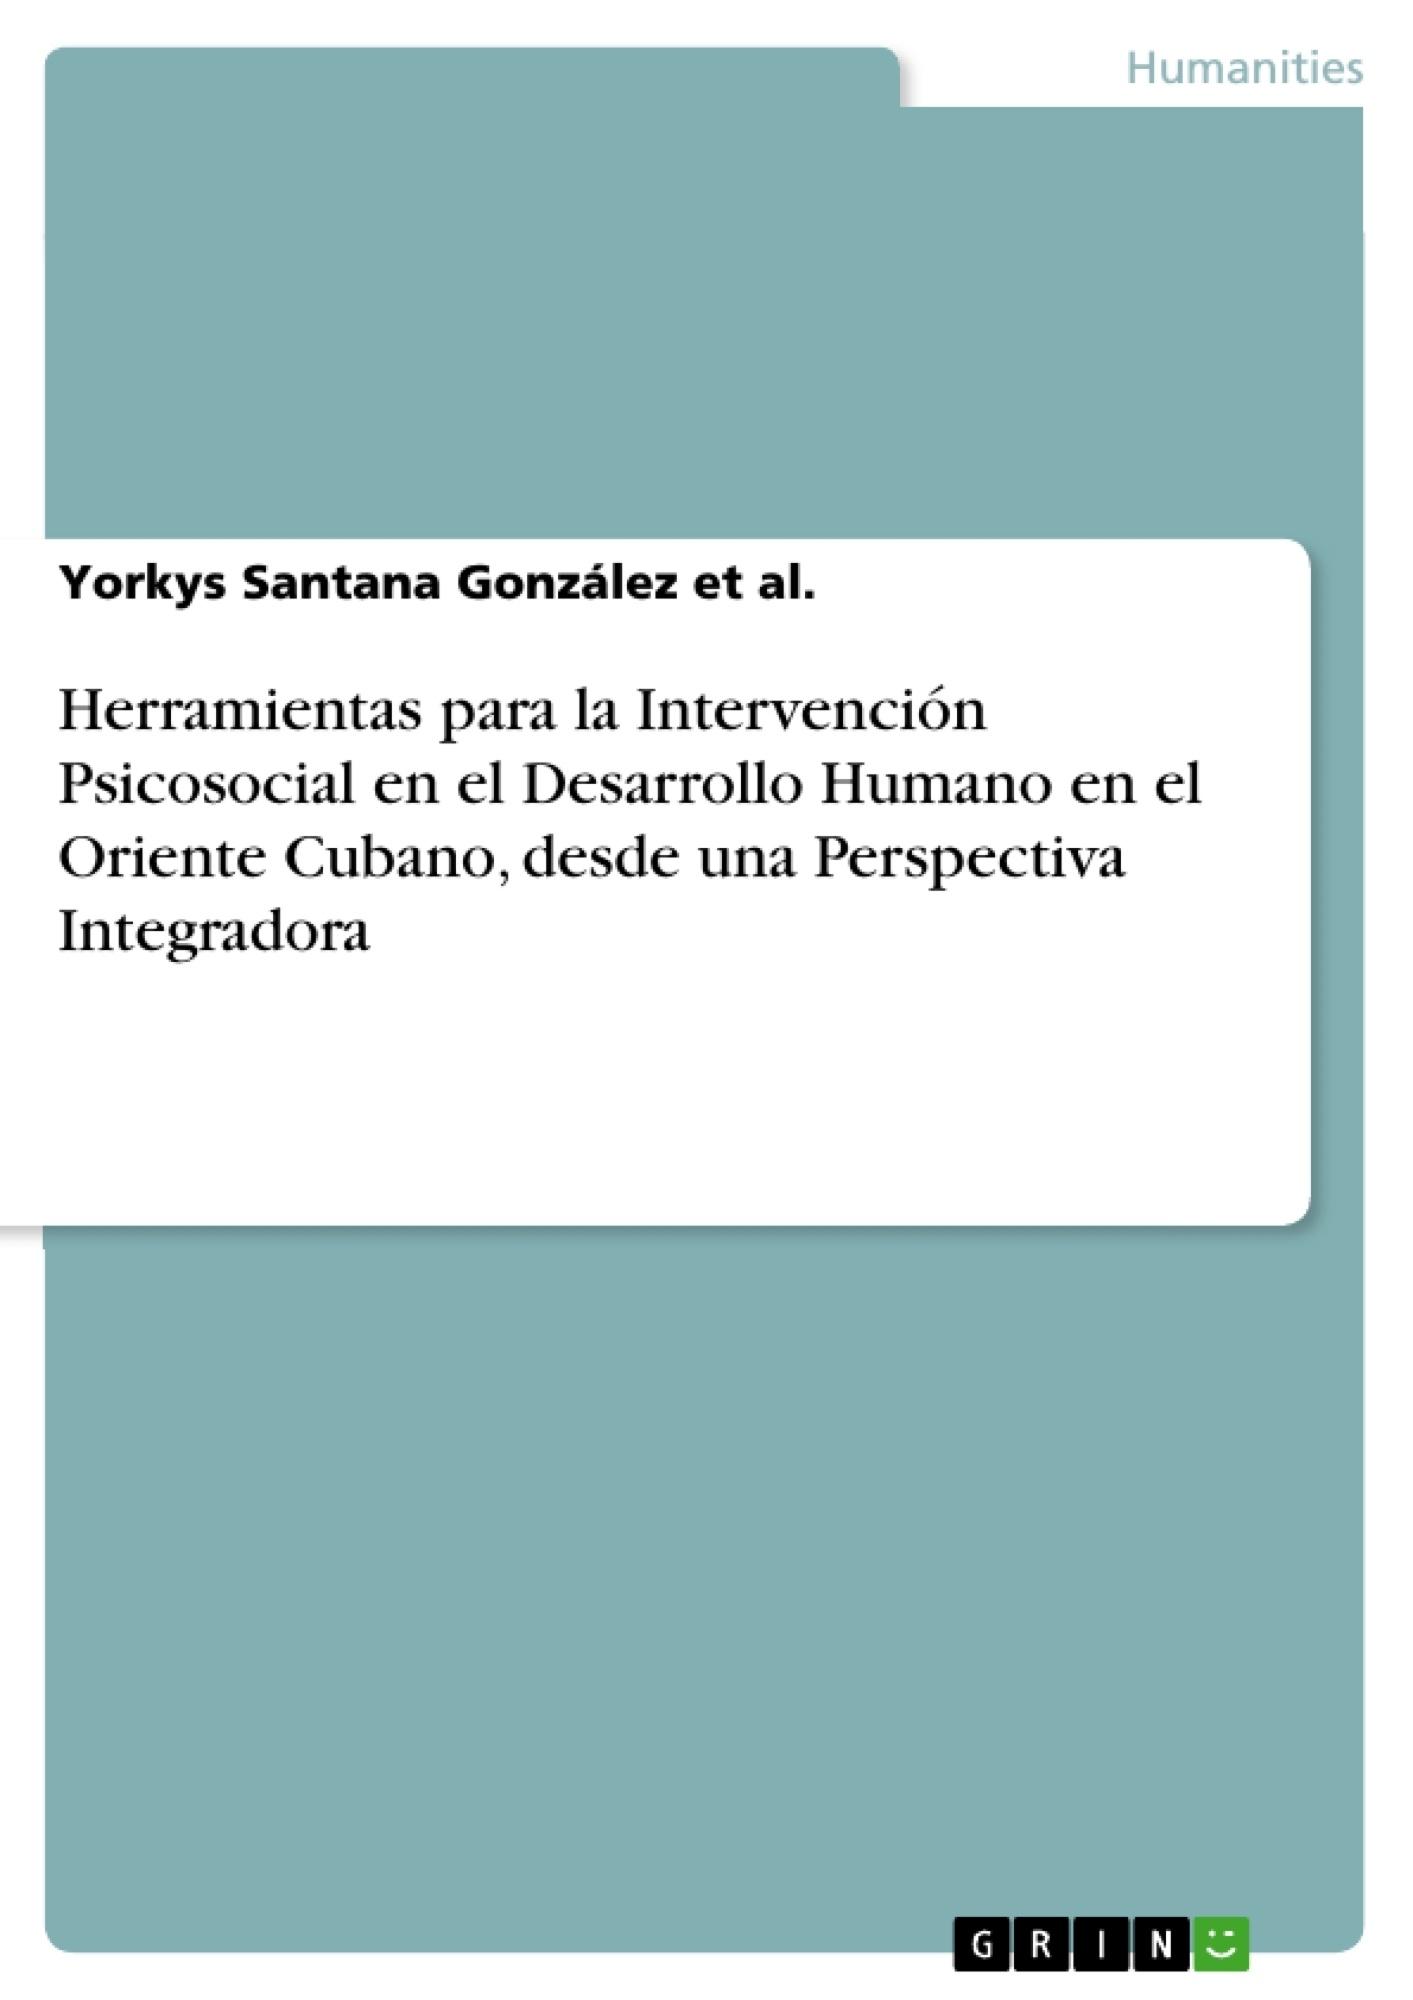 Título: Herramientas para la Intervención Psicosocial en el Desarrollo Humano en el Oriente Cubano, desde una Perspectiva Integradora